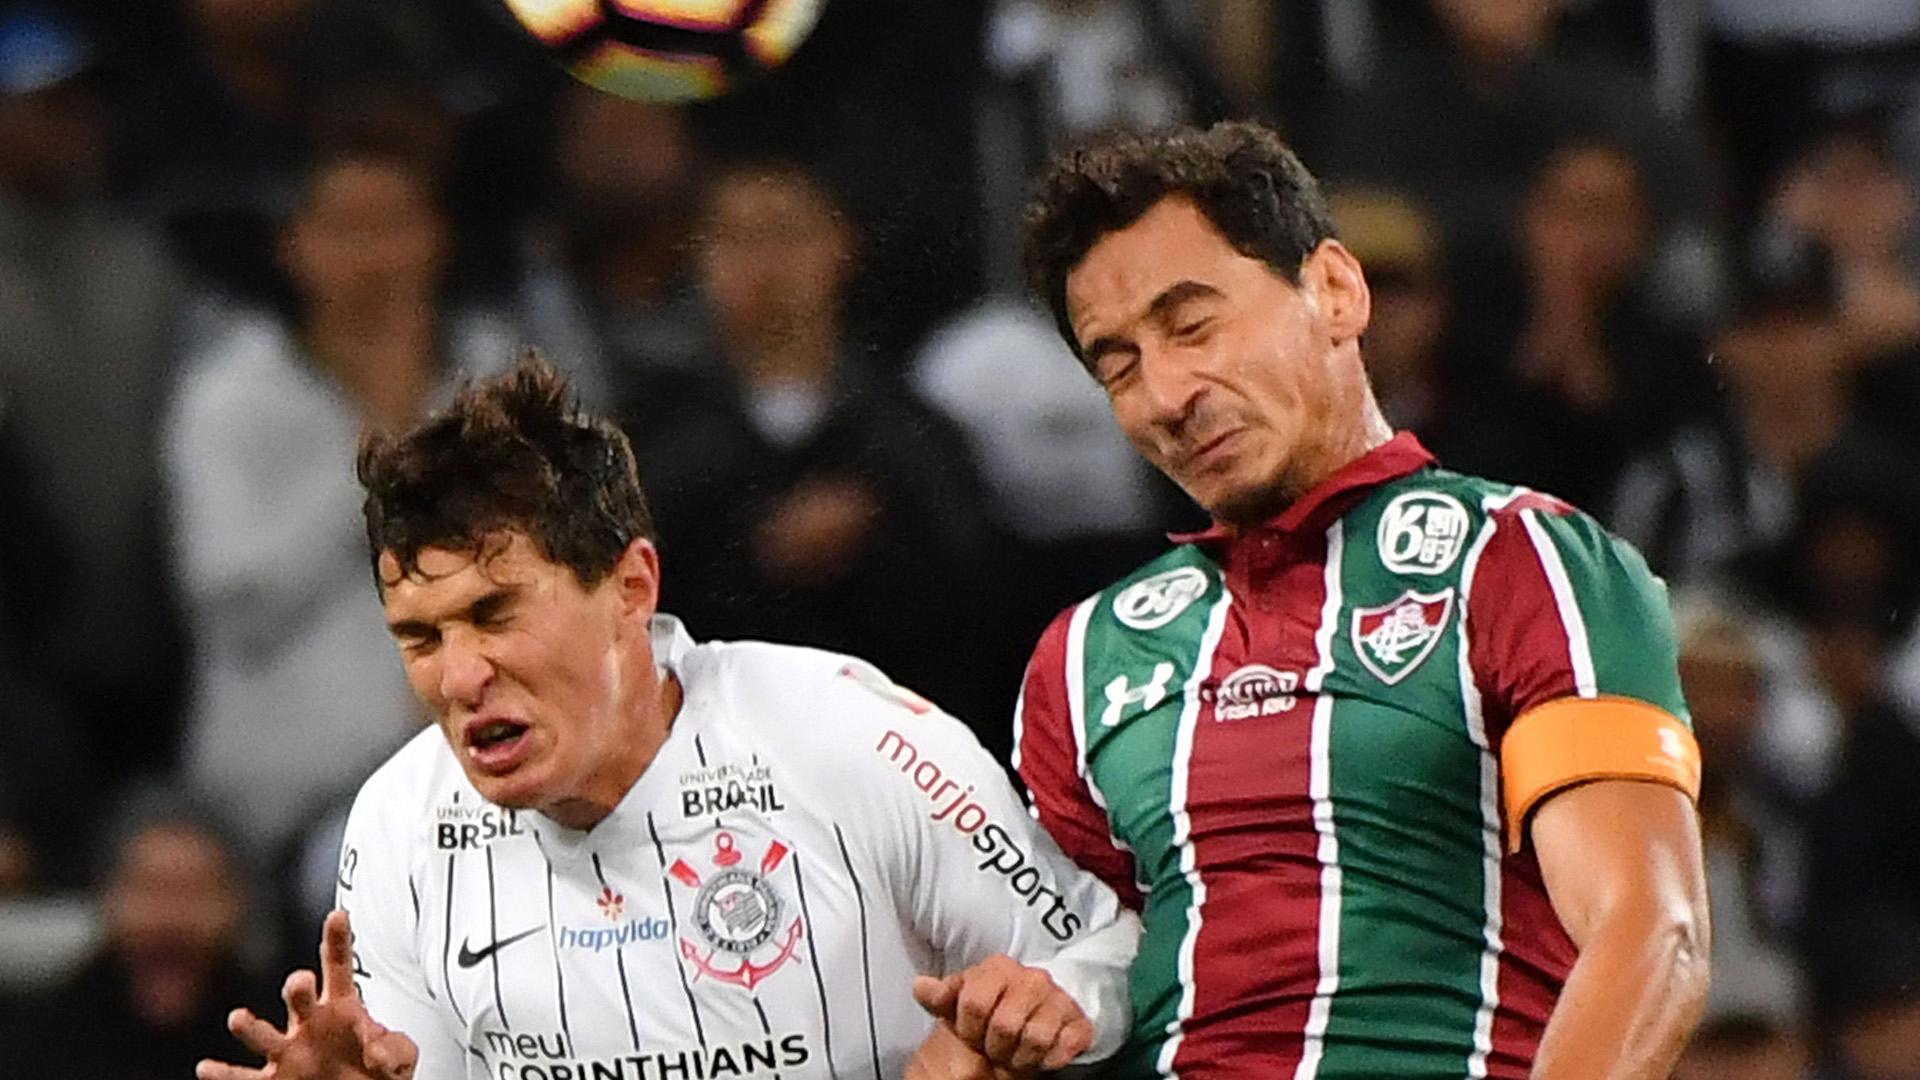 Corinthians – Fluminense   0-0   Reti inviolate e poche emozioni